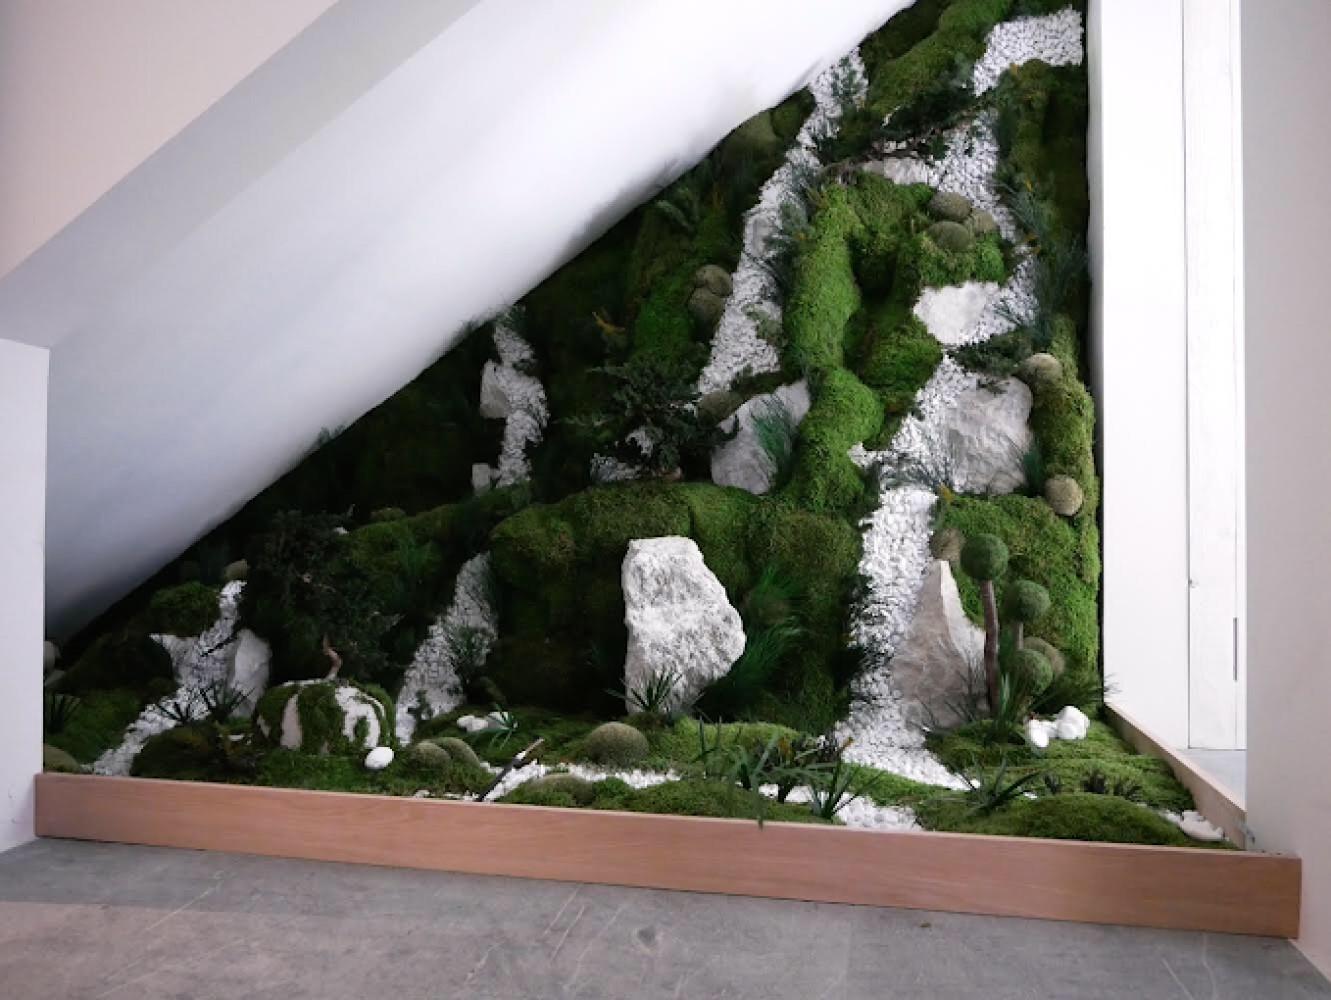 Jardin japonais stabilis d 39 int rieur meg ve - Jardin japonais d interieur ...